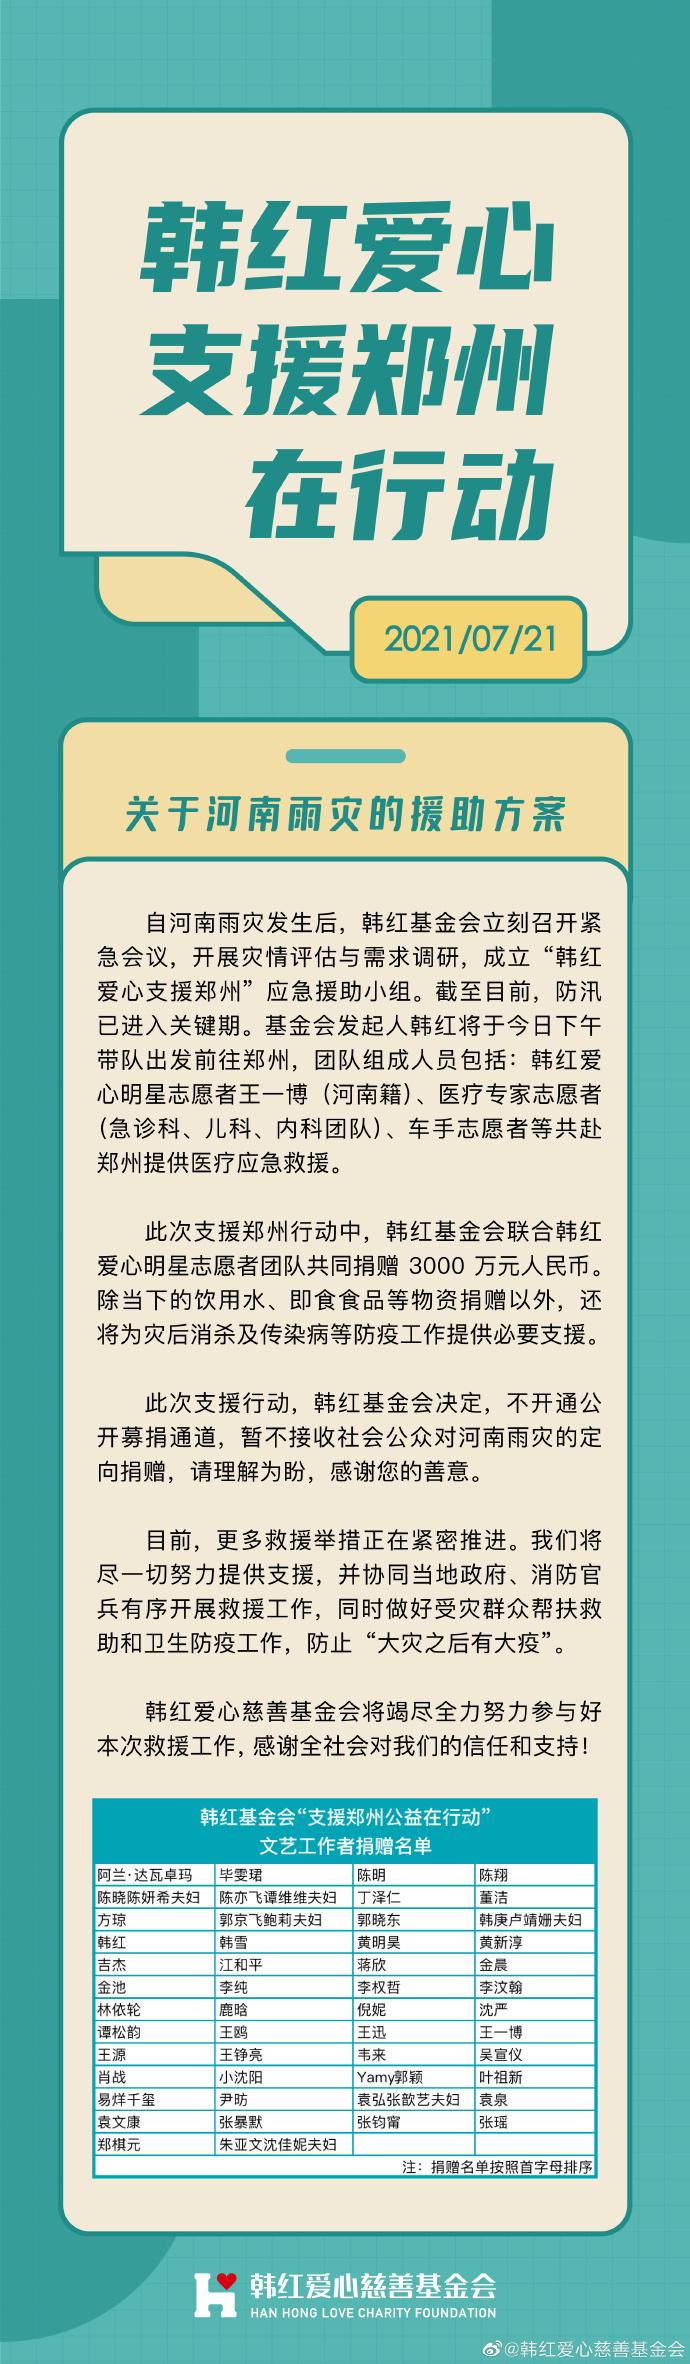 韩红带队志愿者前往郑州救援 河南籍艺人王一博同行